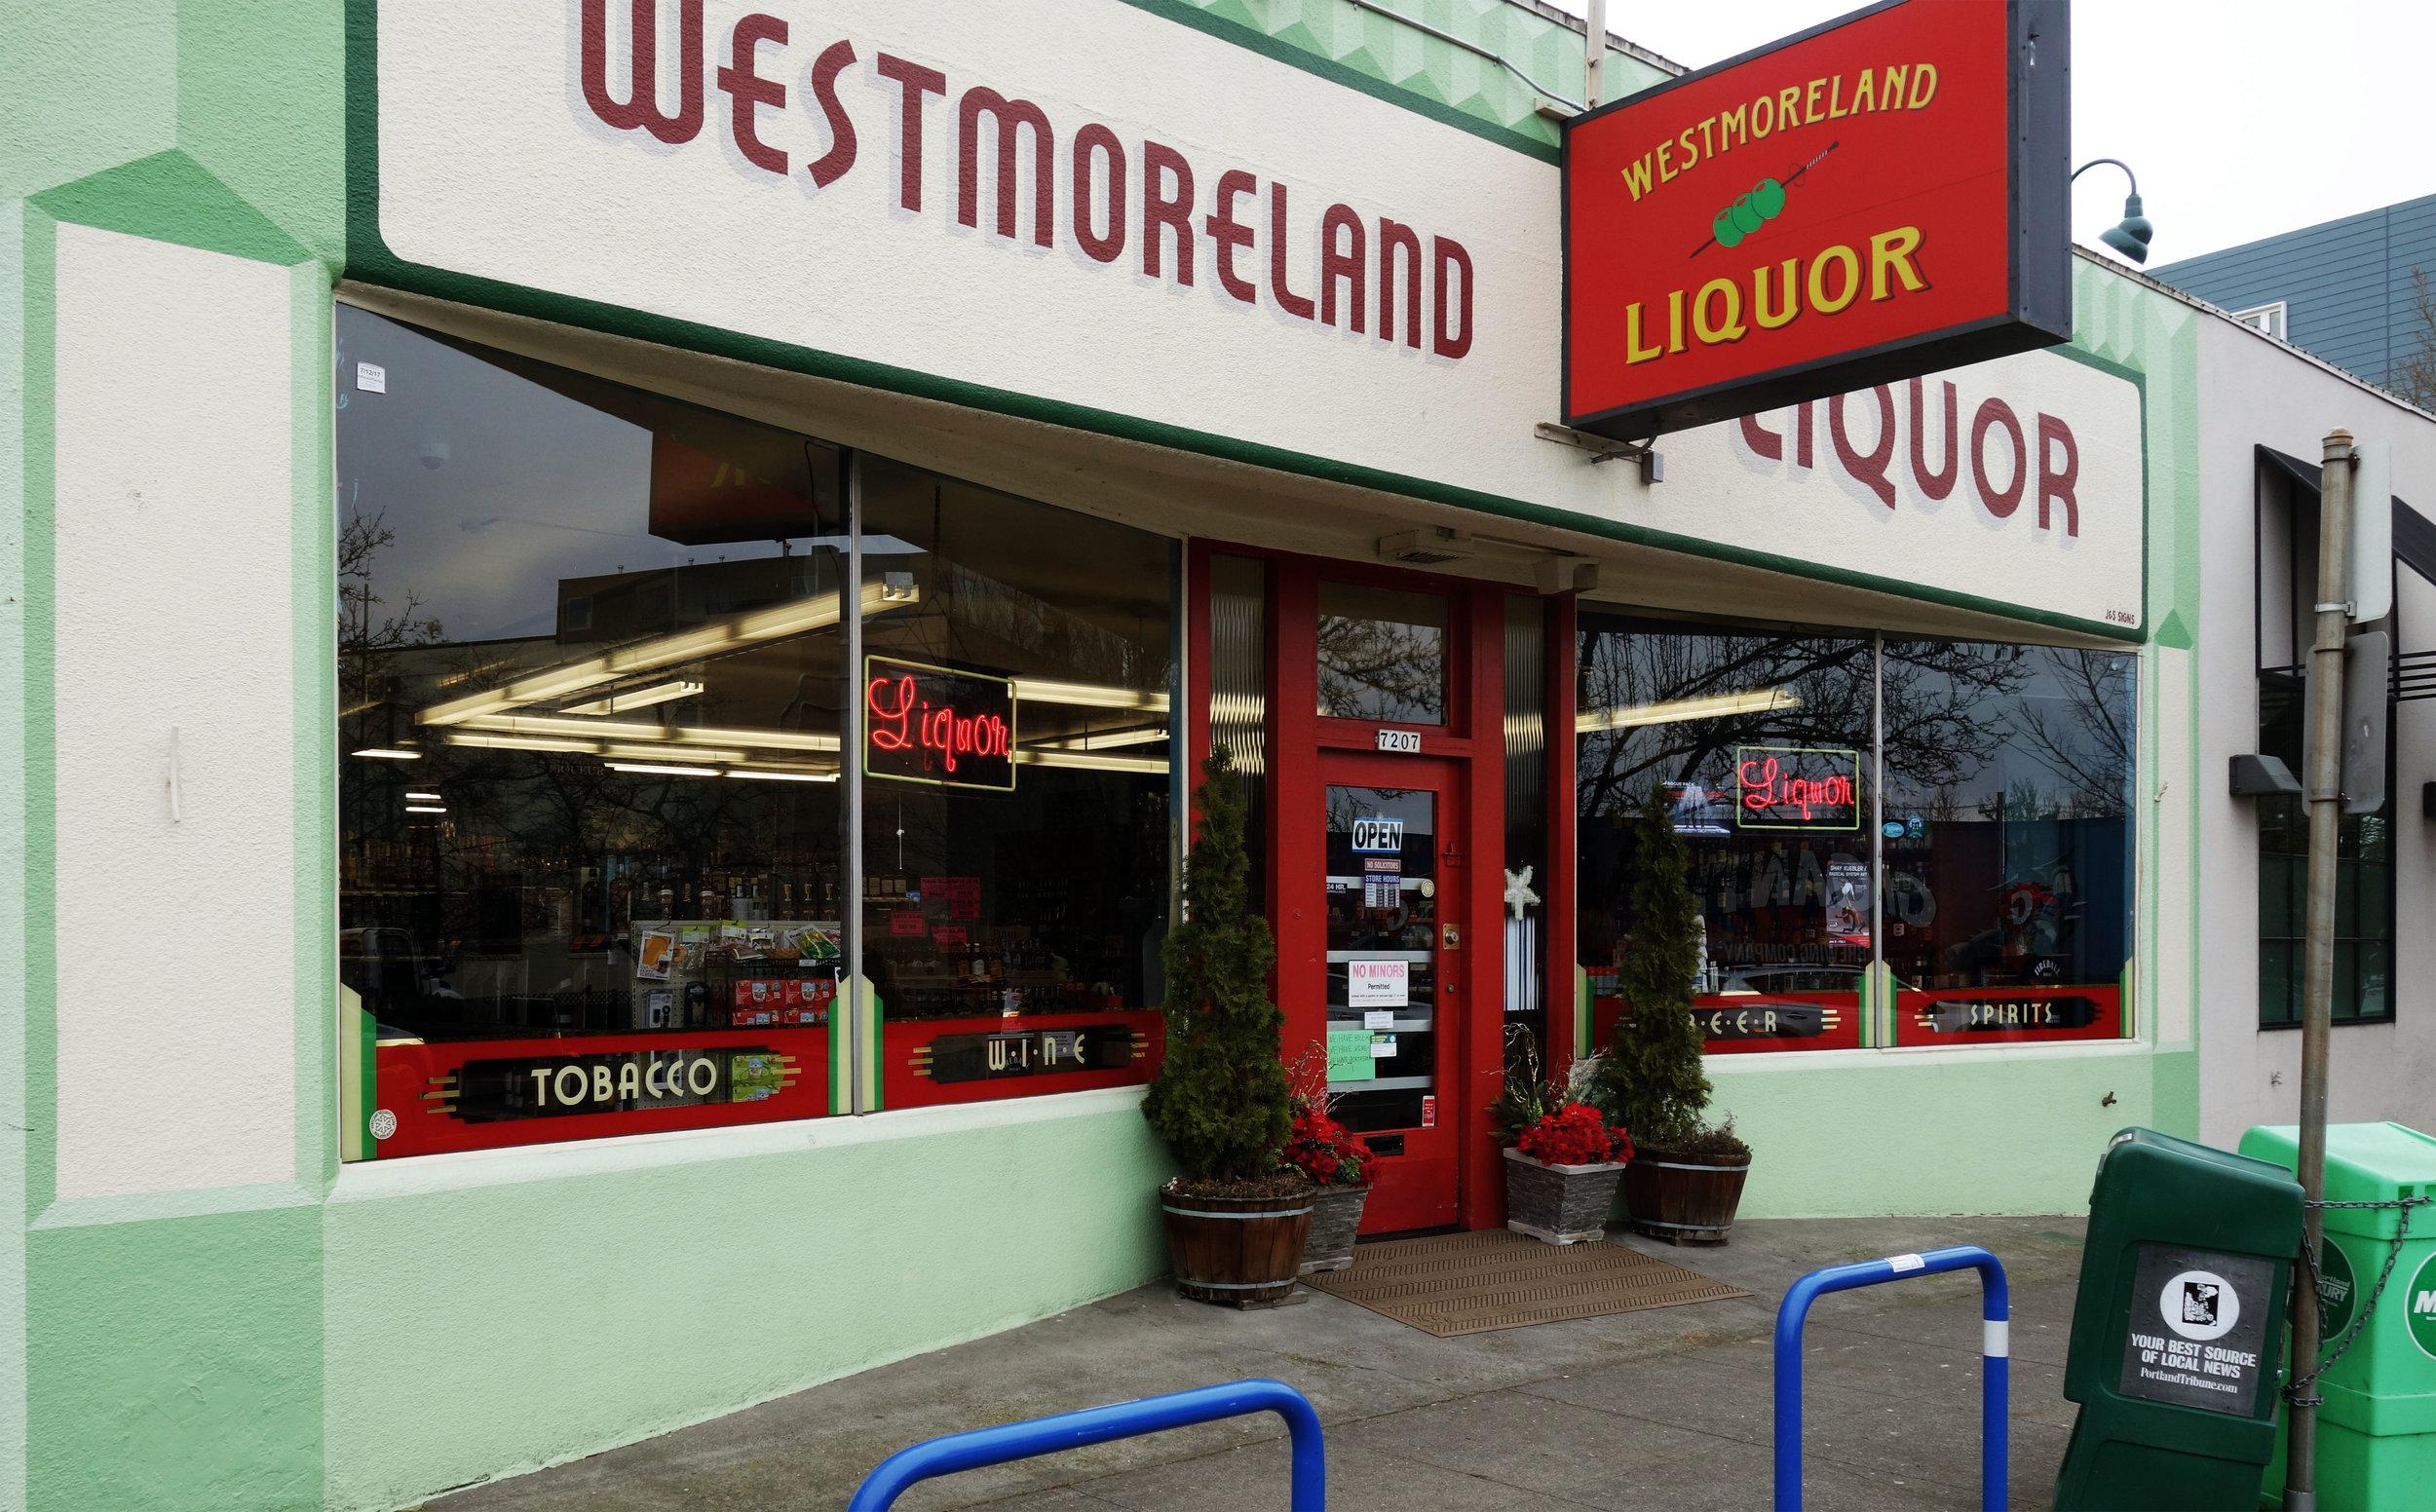 Westmoreland04.jpg